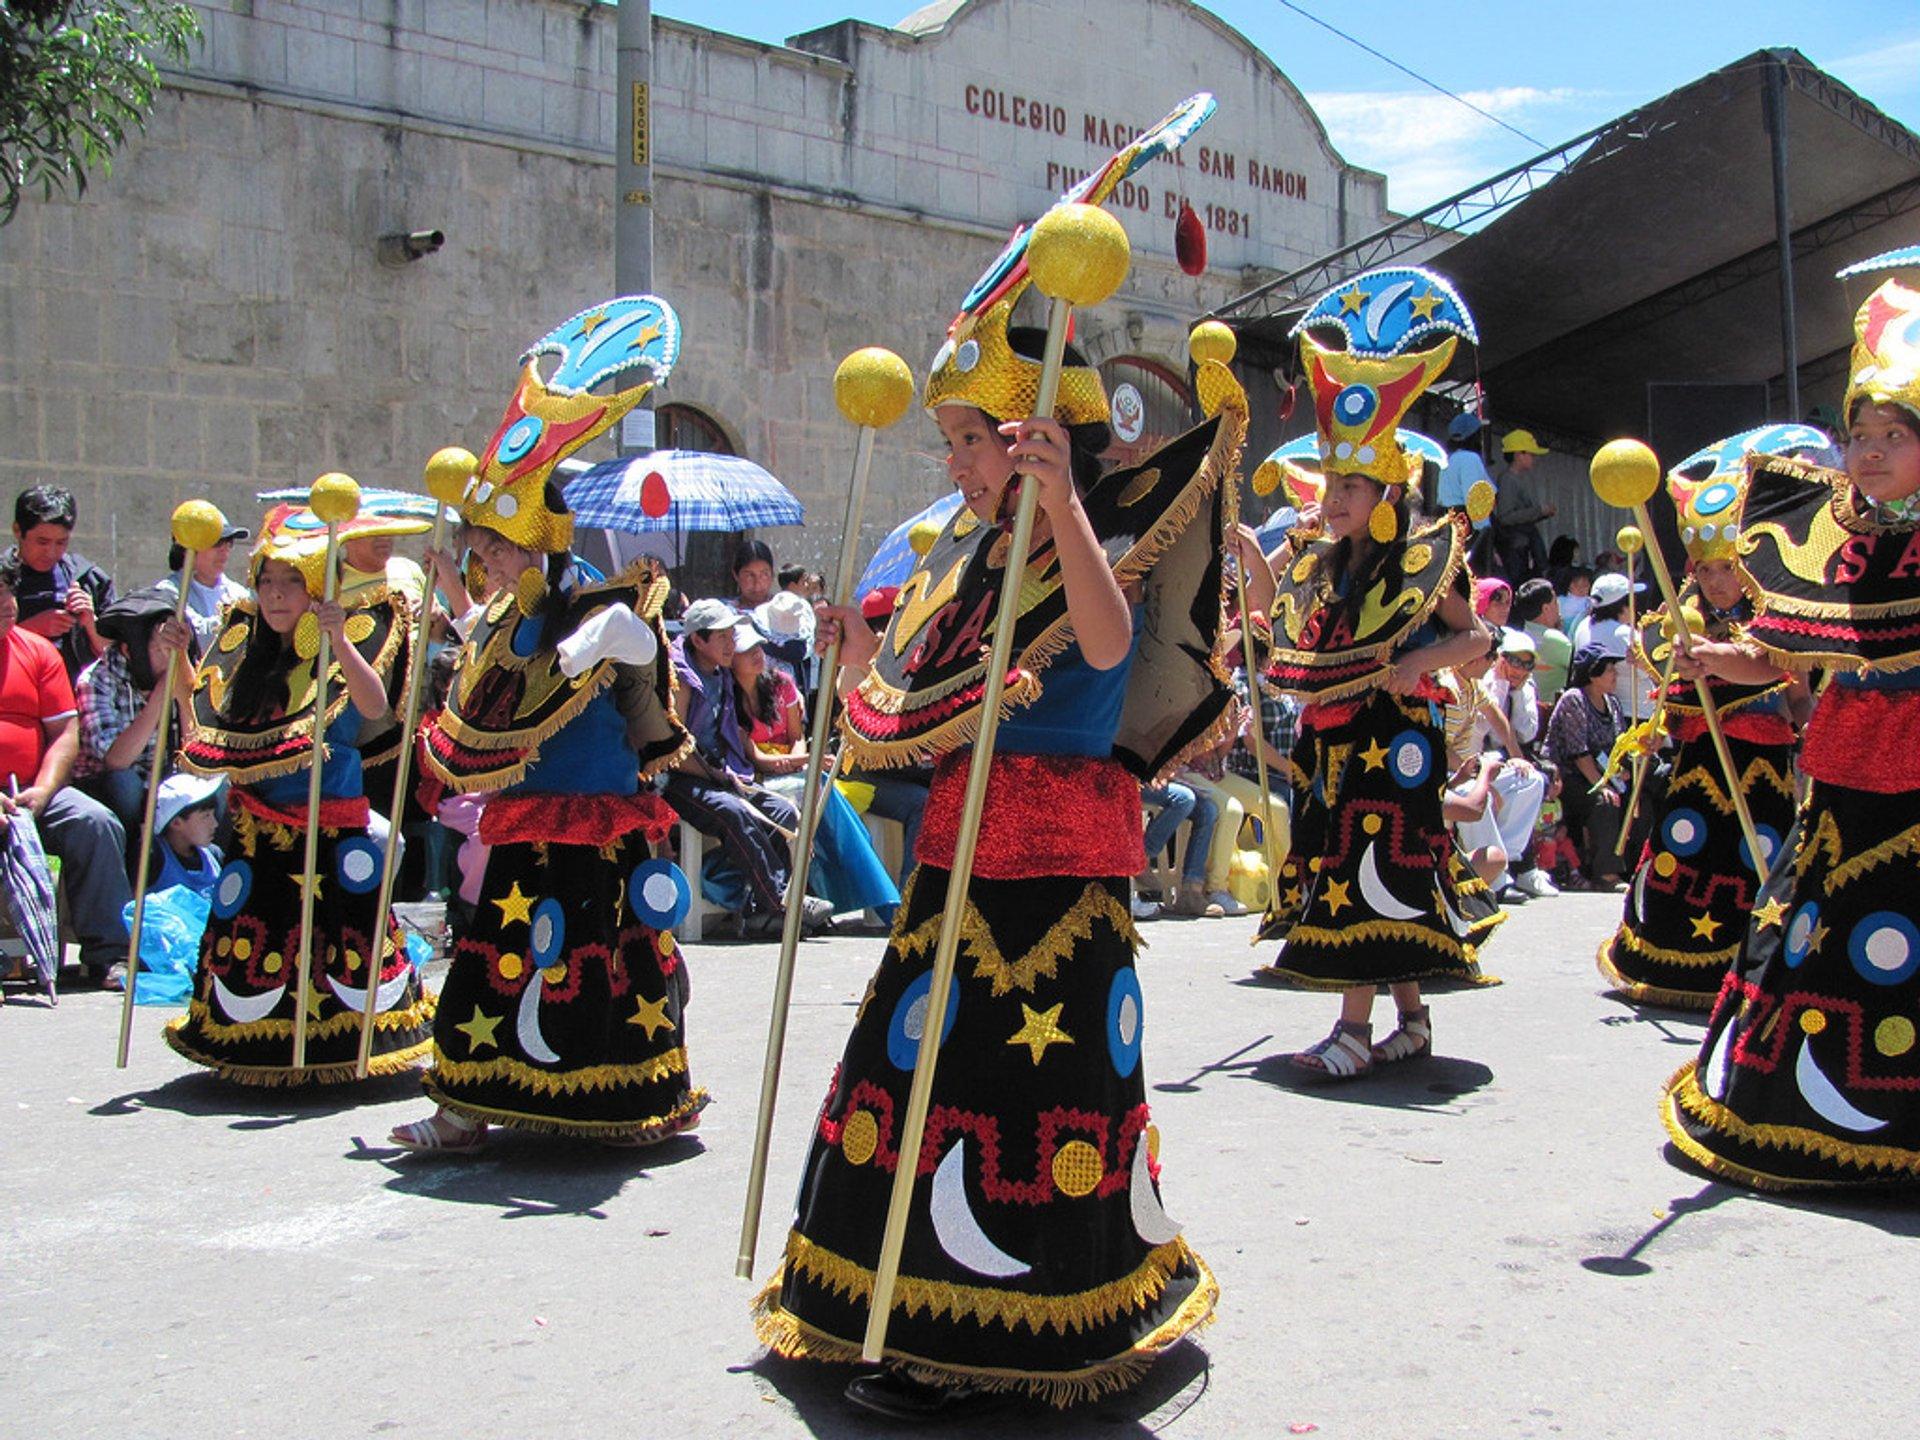 Carnavales en Cajamarca, Peru 2020